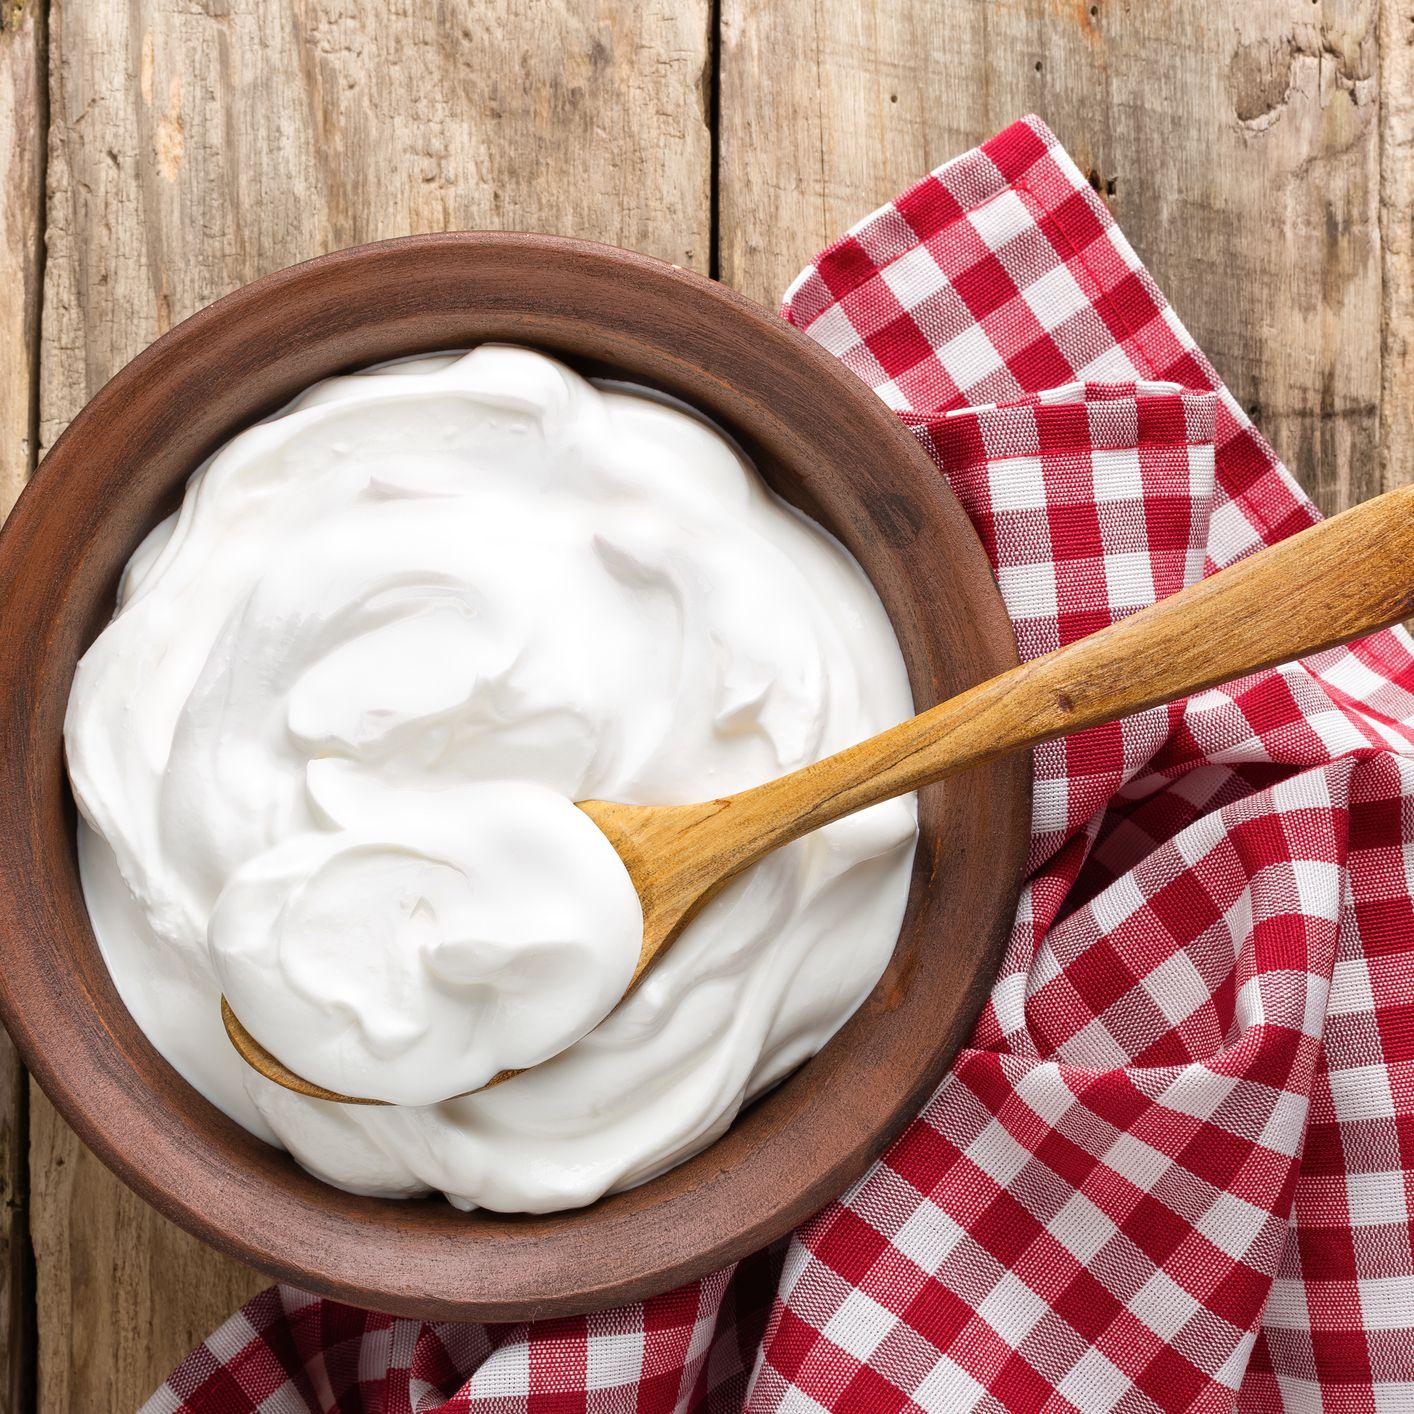 sữa chua - thực phẩm dinh dưỡng